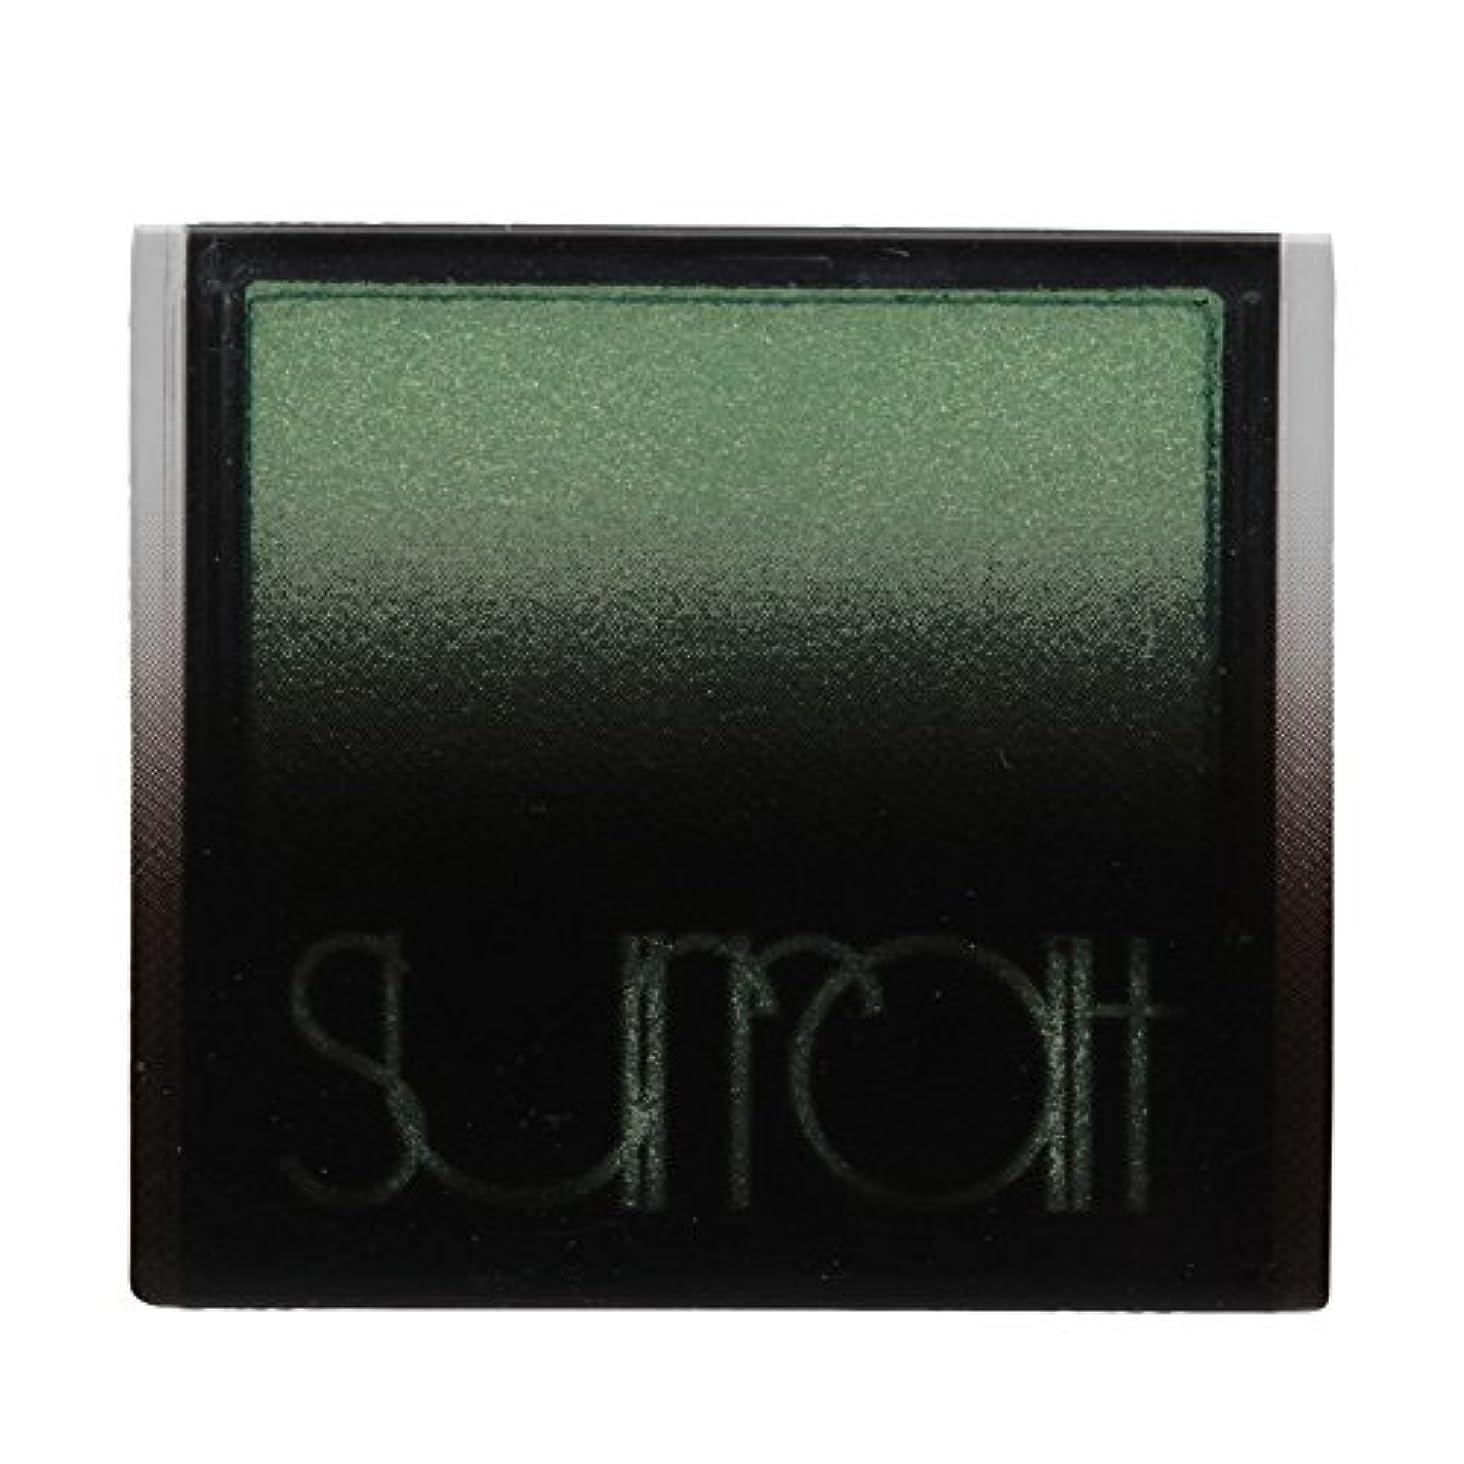 教育者予定セイはさておきののアイシャドウ x2 - Surratt Artistique Eyeshadow (Pack of 2) [並行輸入品]